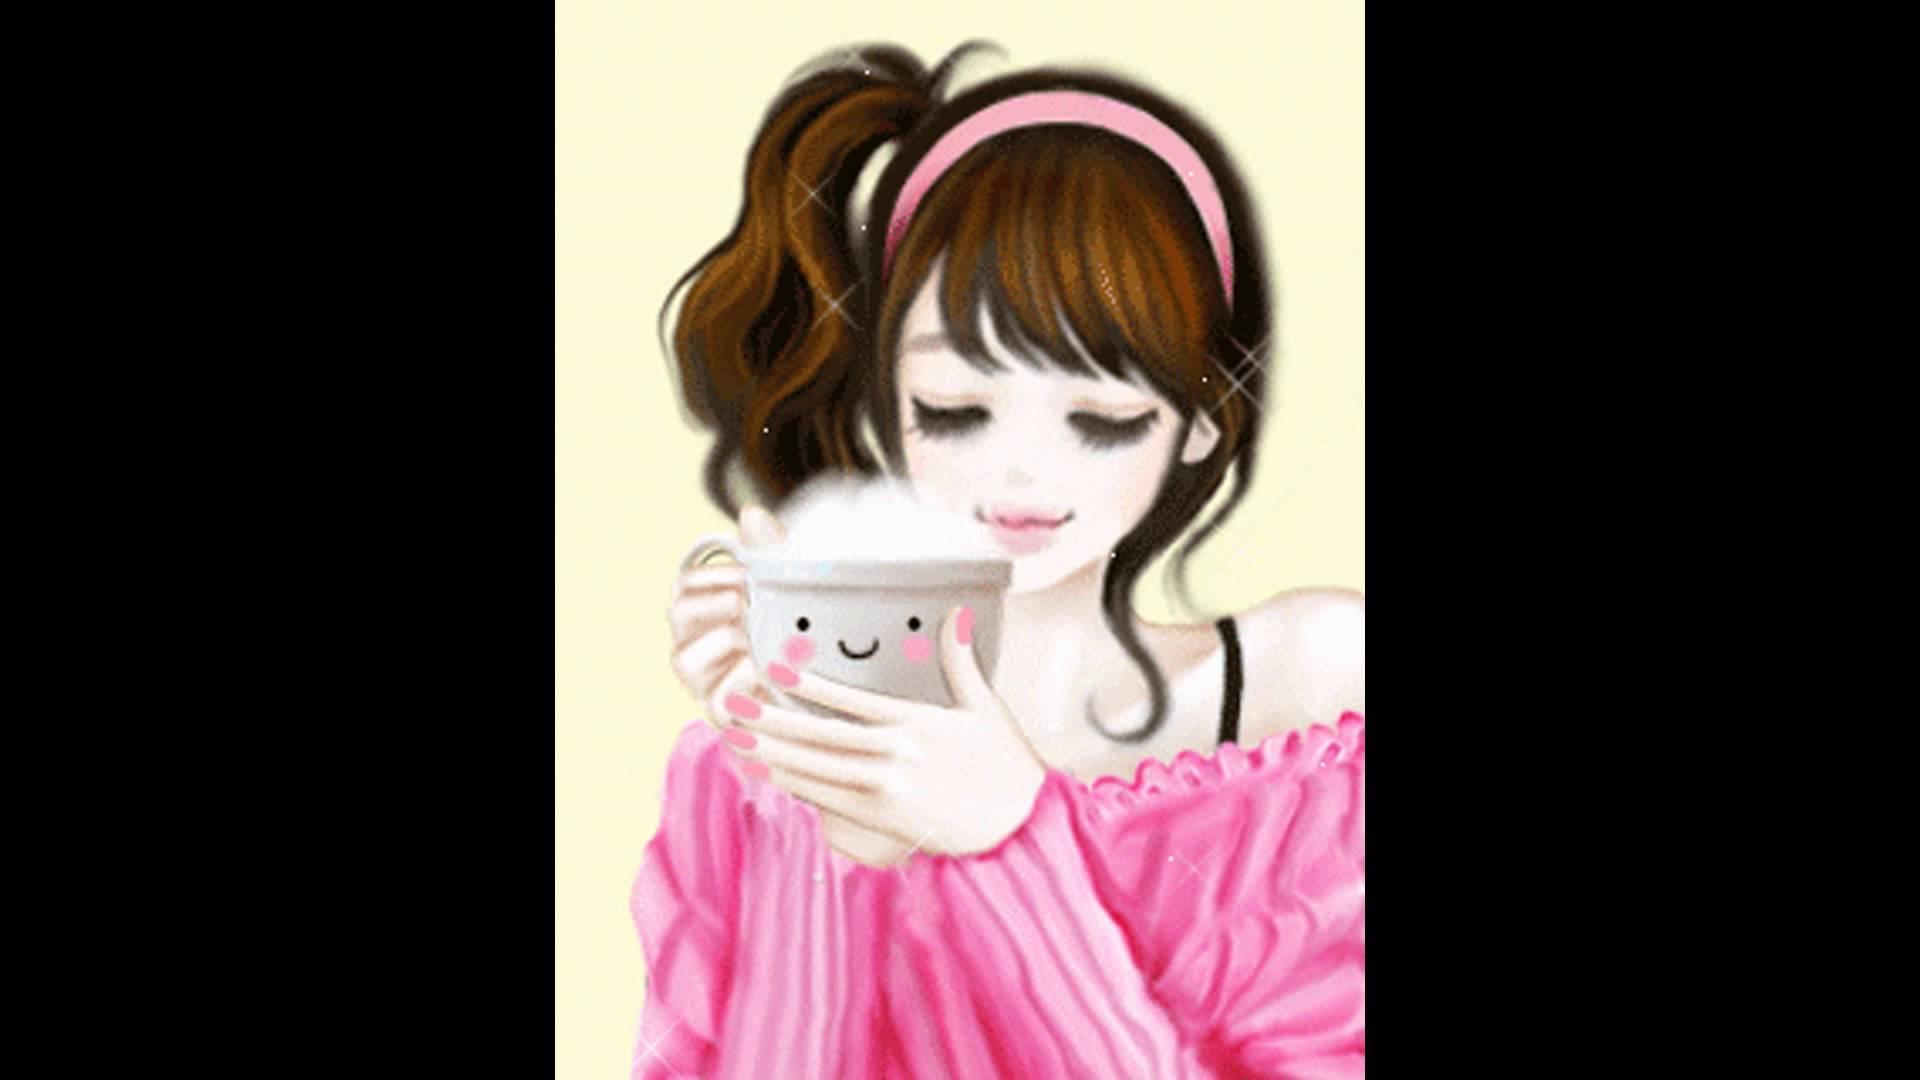 رمزيات بنات كوريات كيوت Beautyfuls Girls فيسبوك